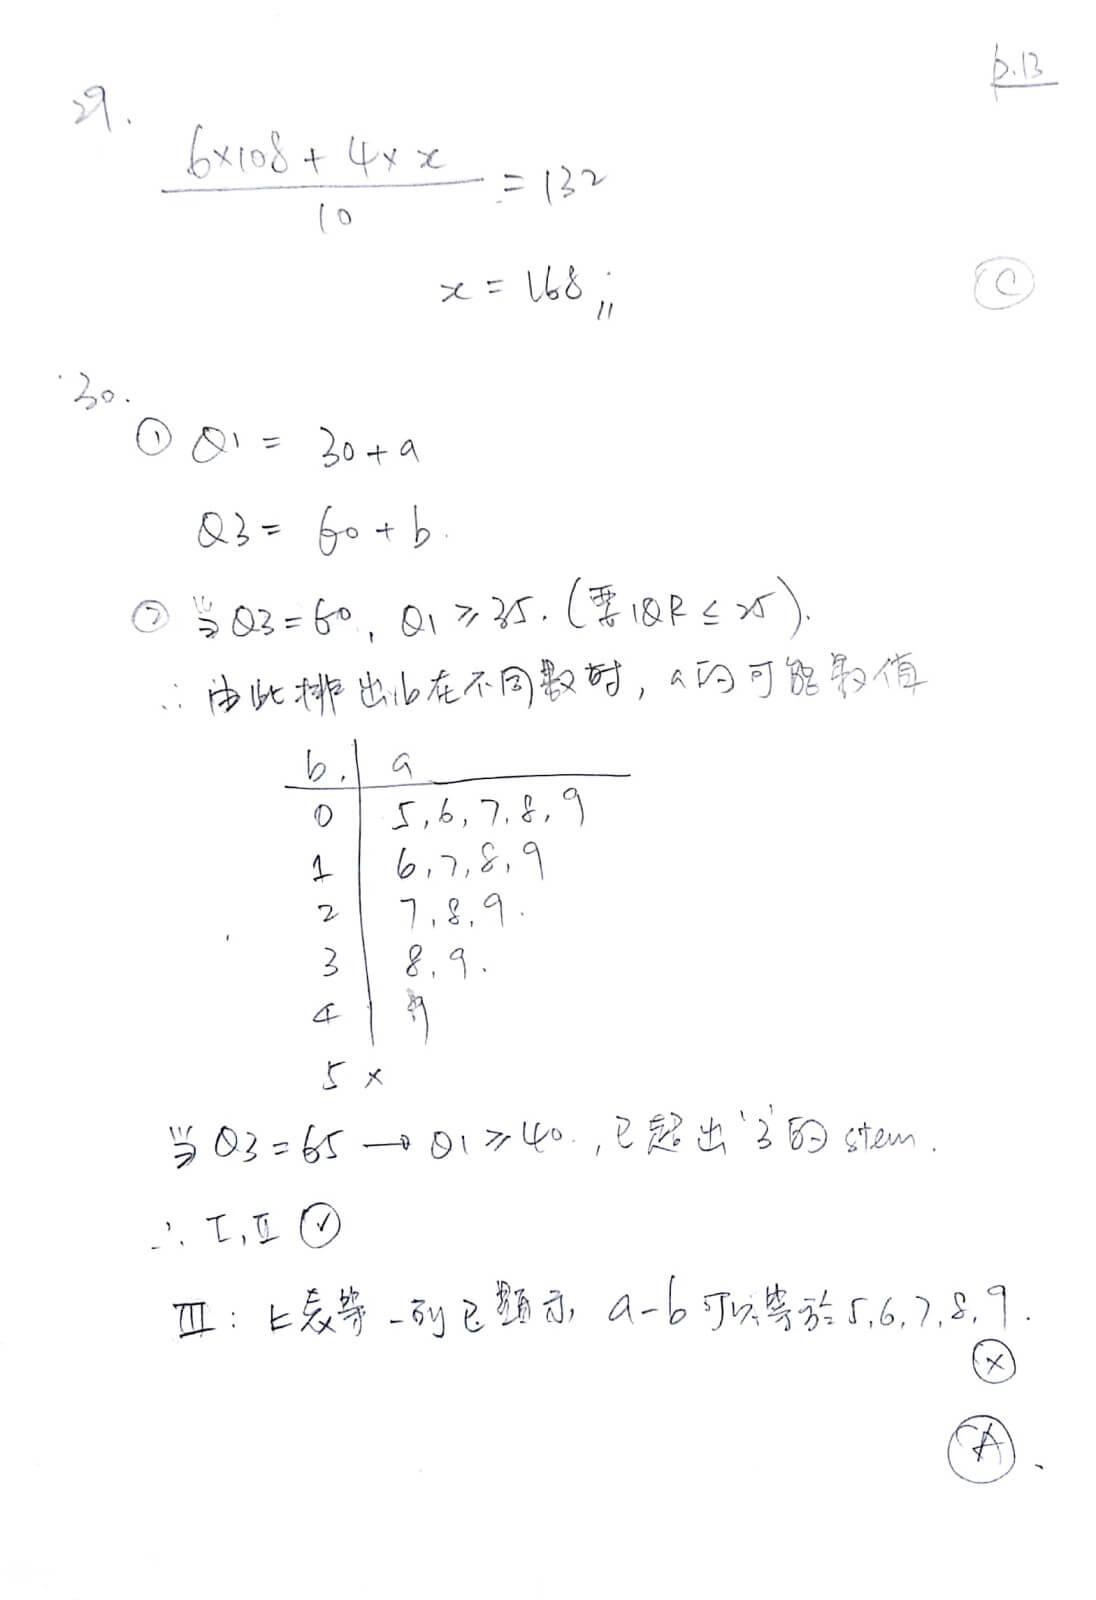 2018 DSE 數學卷二(MC) 詳細答案 Q29,30